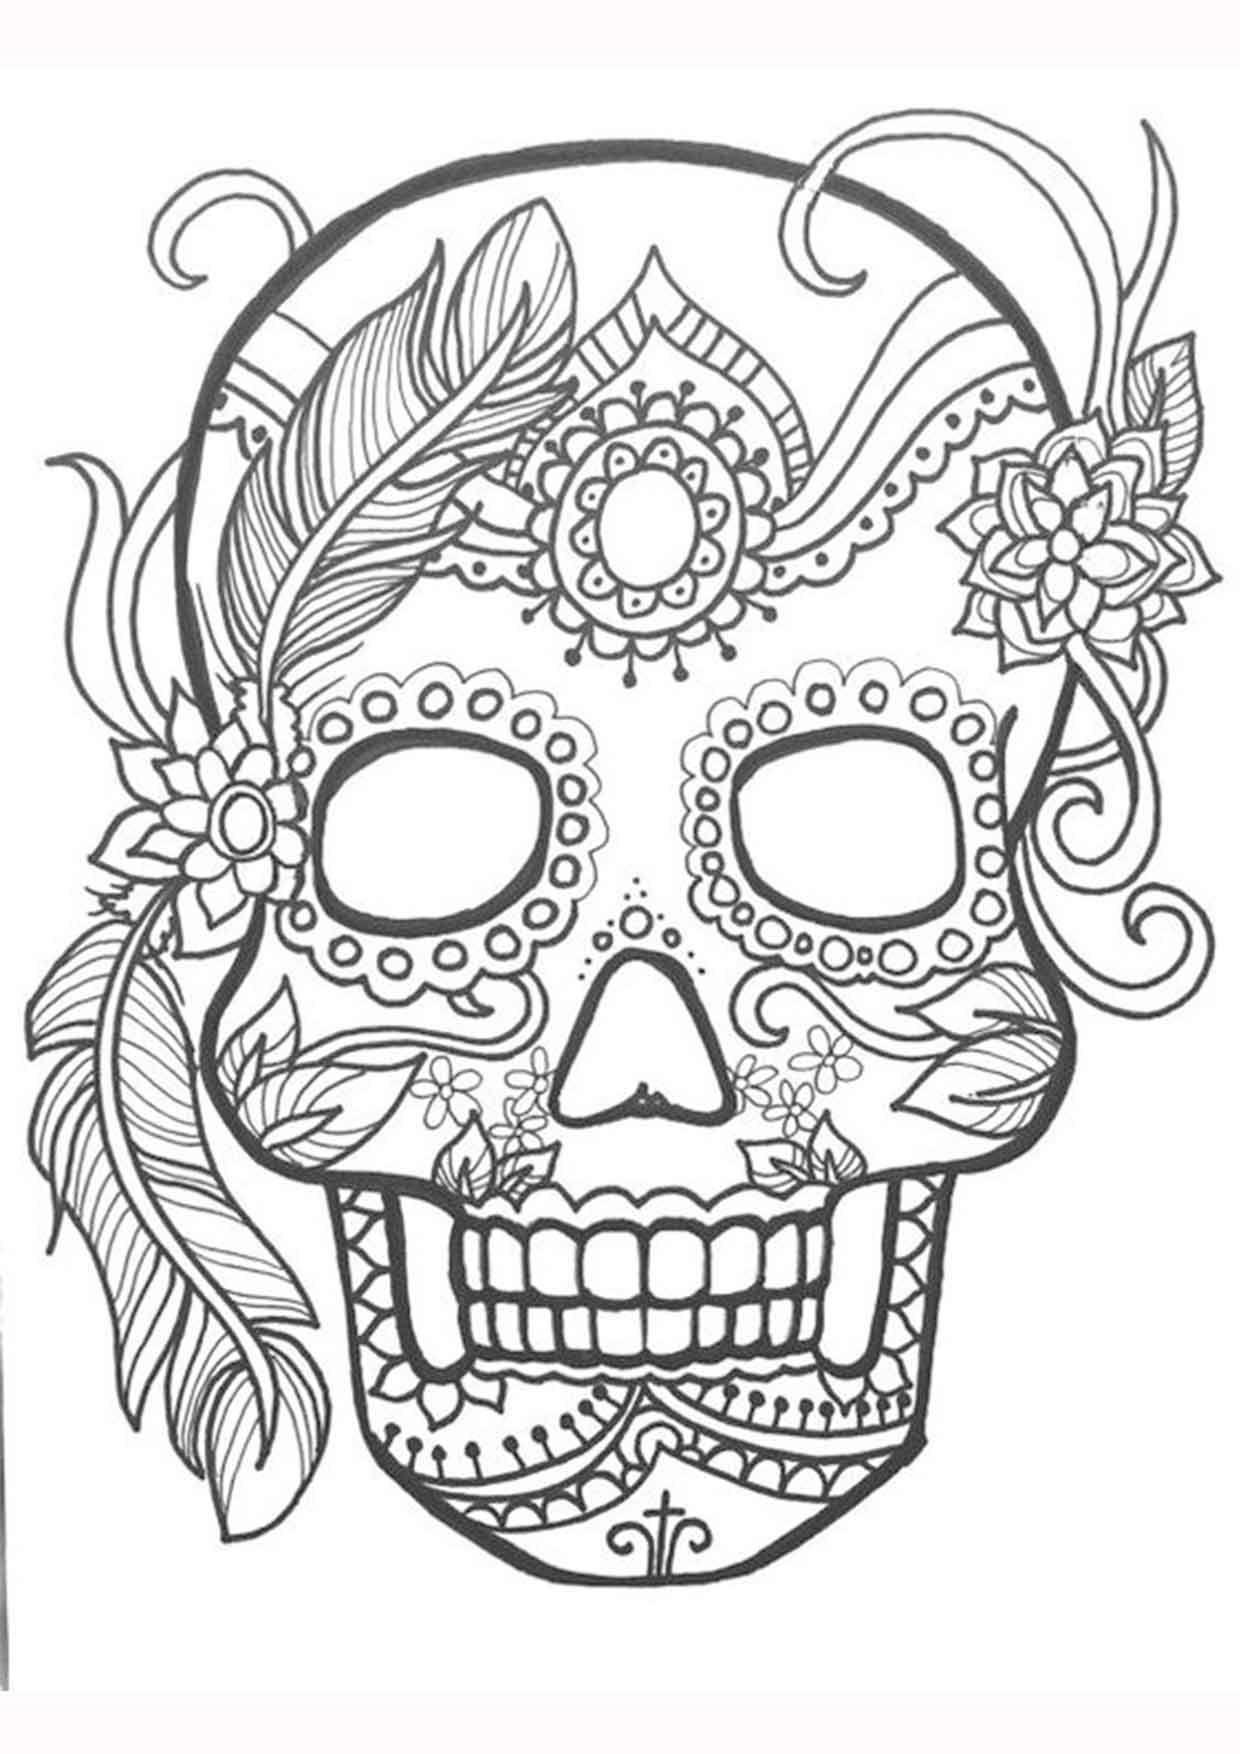 20 Padrisimos Mandalas De Dia De Muertos Para Imprimir Y Colorear Mujer De 10 Guia Real Para La Mujer Actual Enterate Ya Mandalas De Calaveras Calaveras Mexicanas Para Colorear Paginas